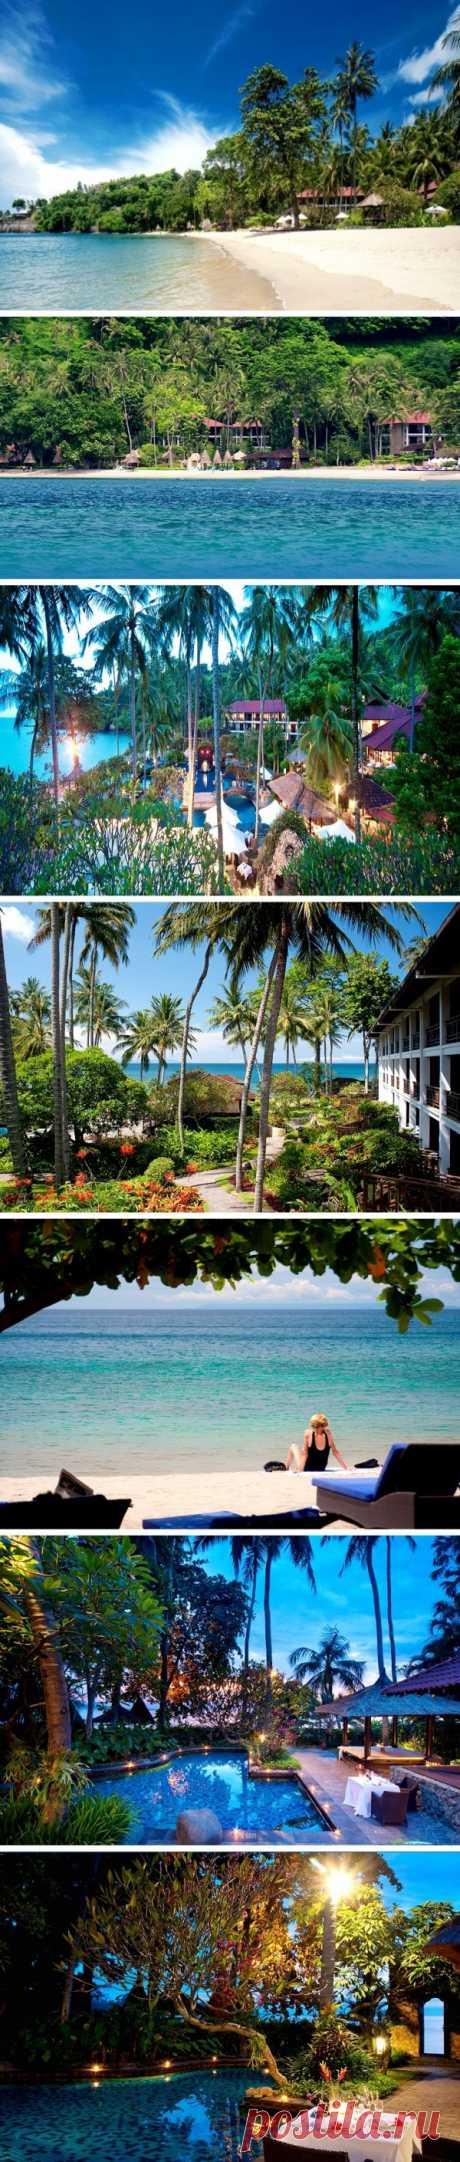 Van aquí los que busca la soledad. La isla Lombok prácticamente salvaje, Indonesia